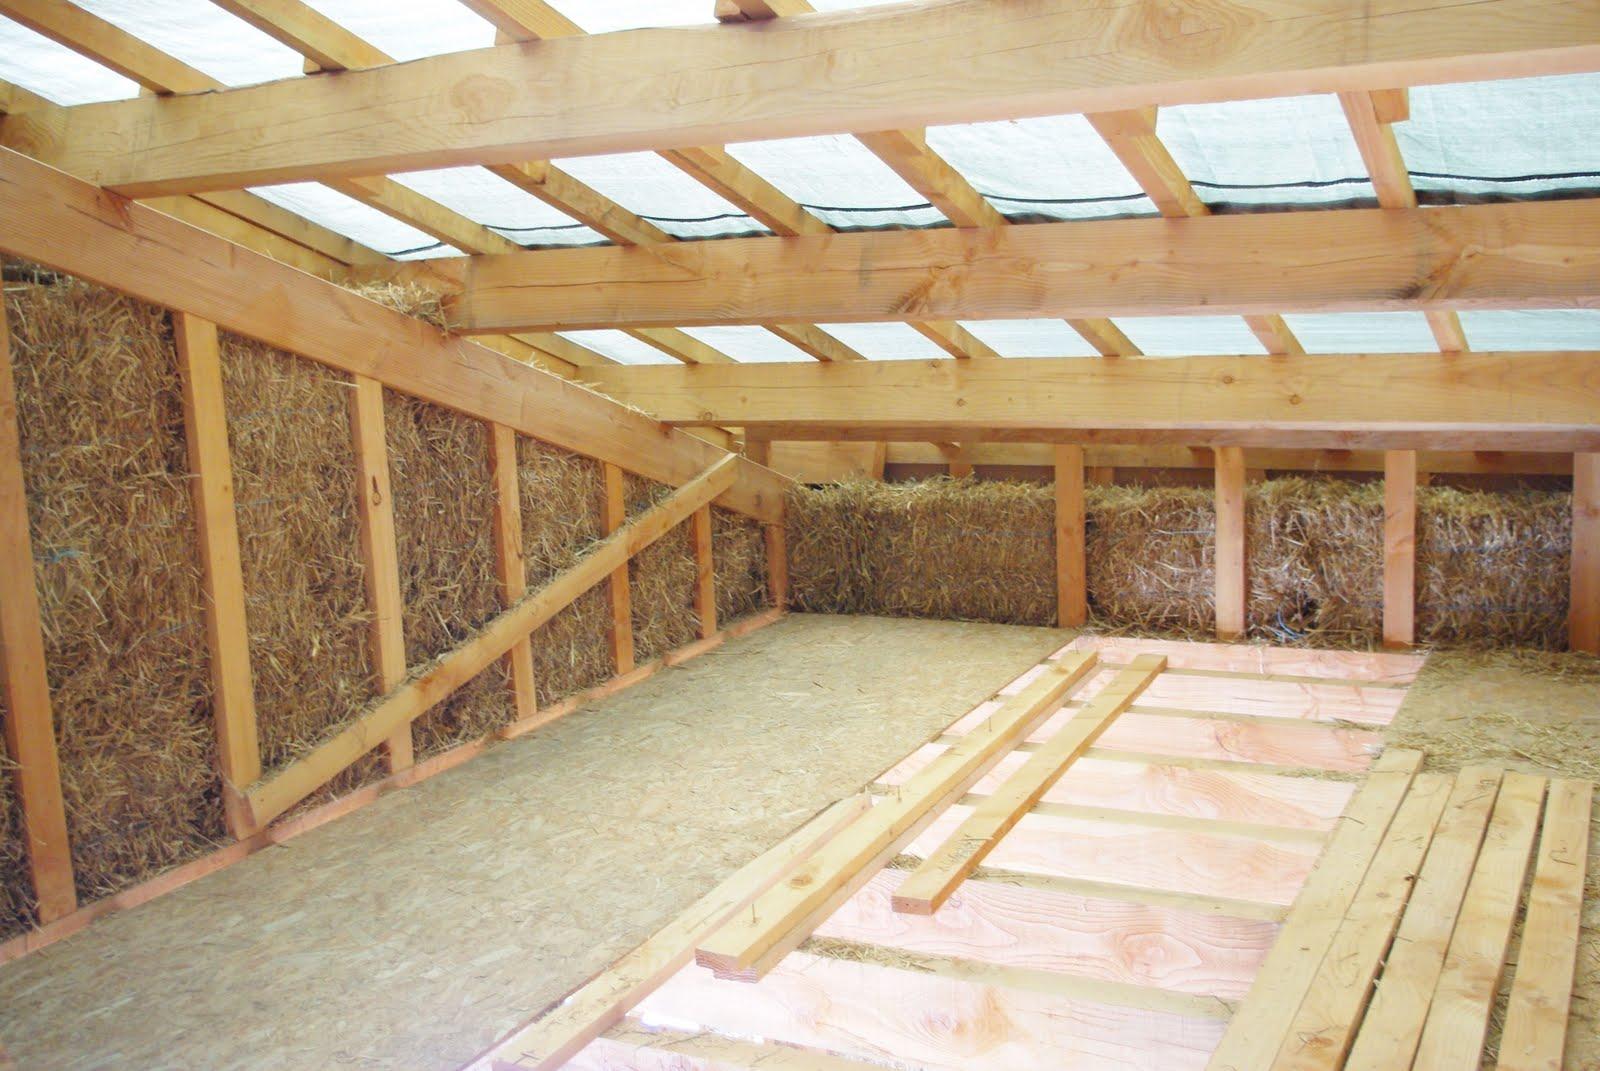 Notre maison ossature bois isolation paille  Mise en place de la paille # Ossature Bois Isolation